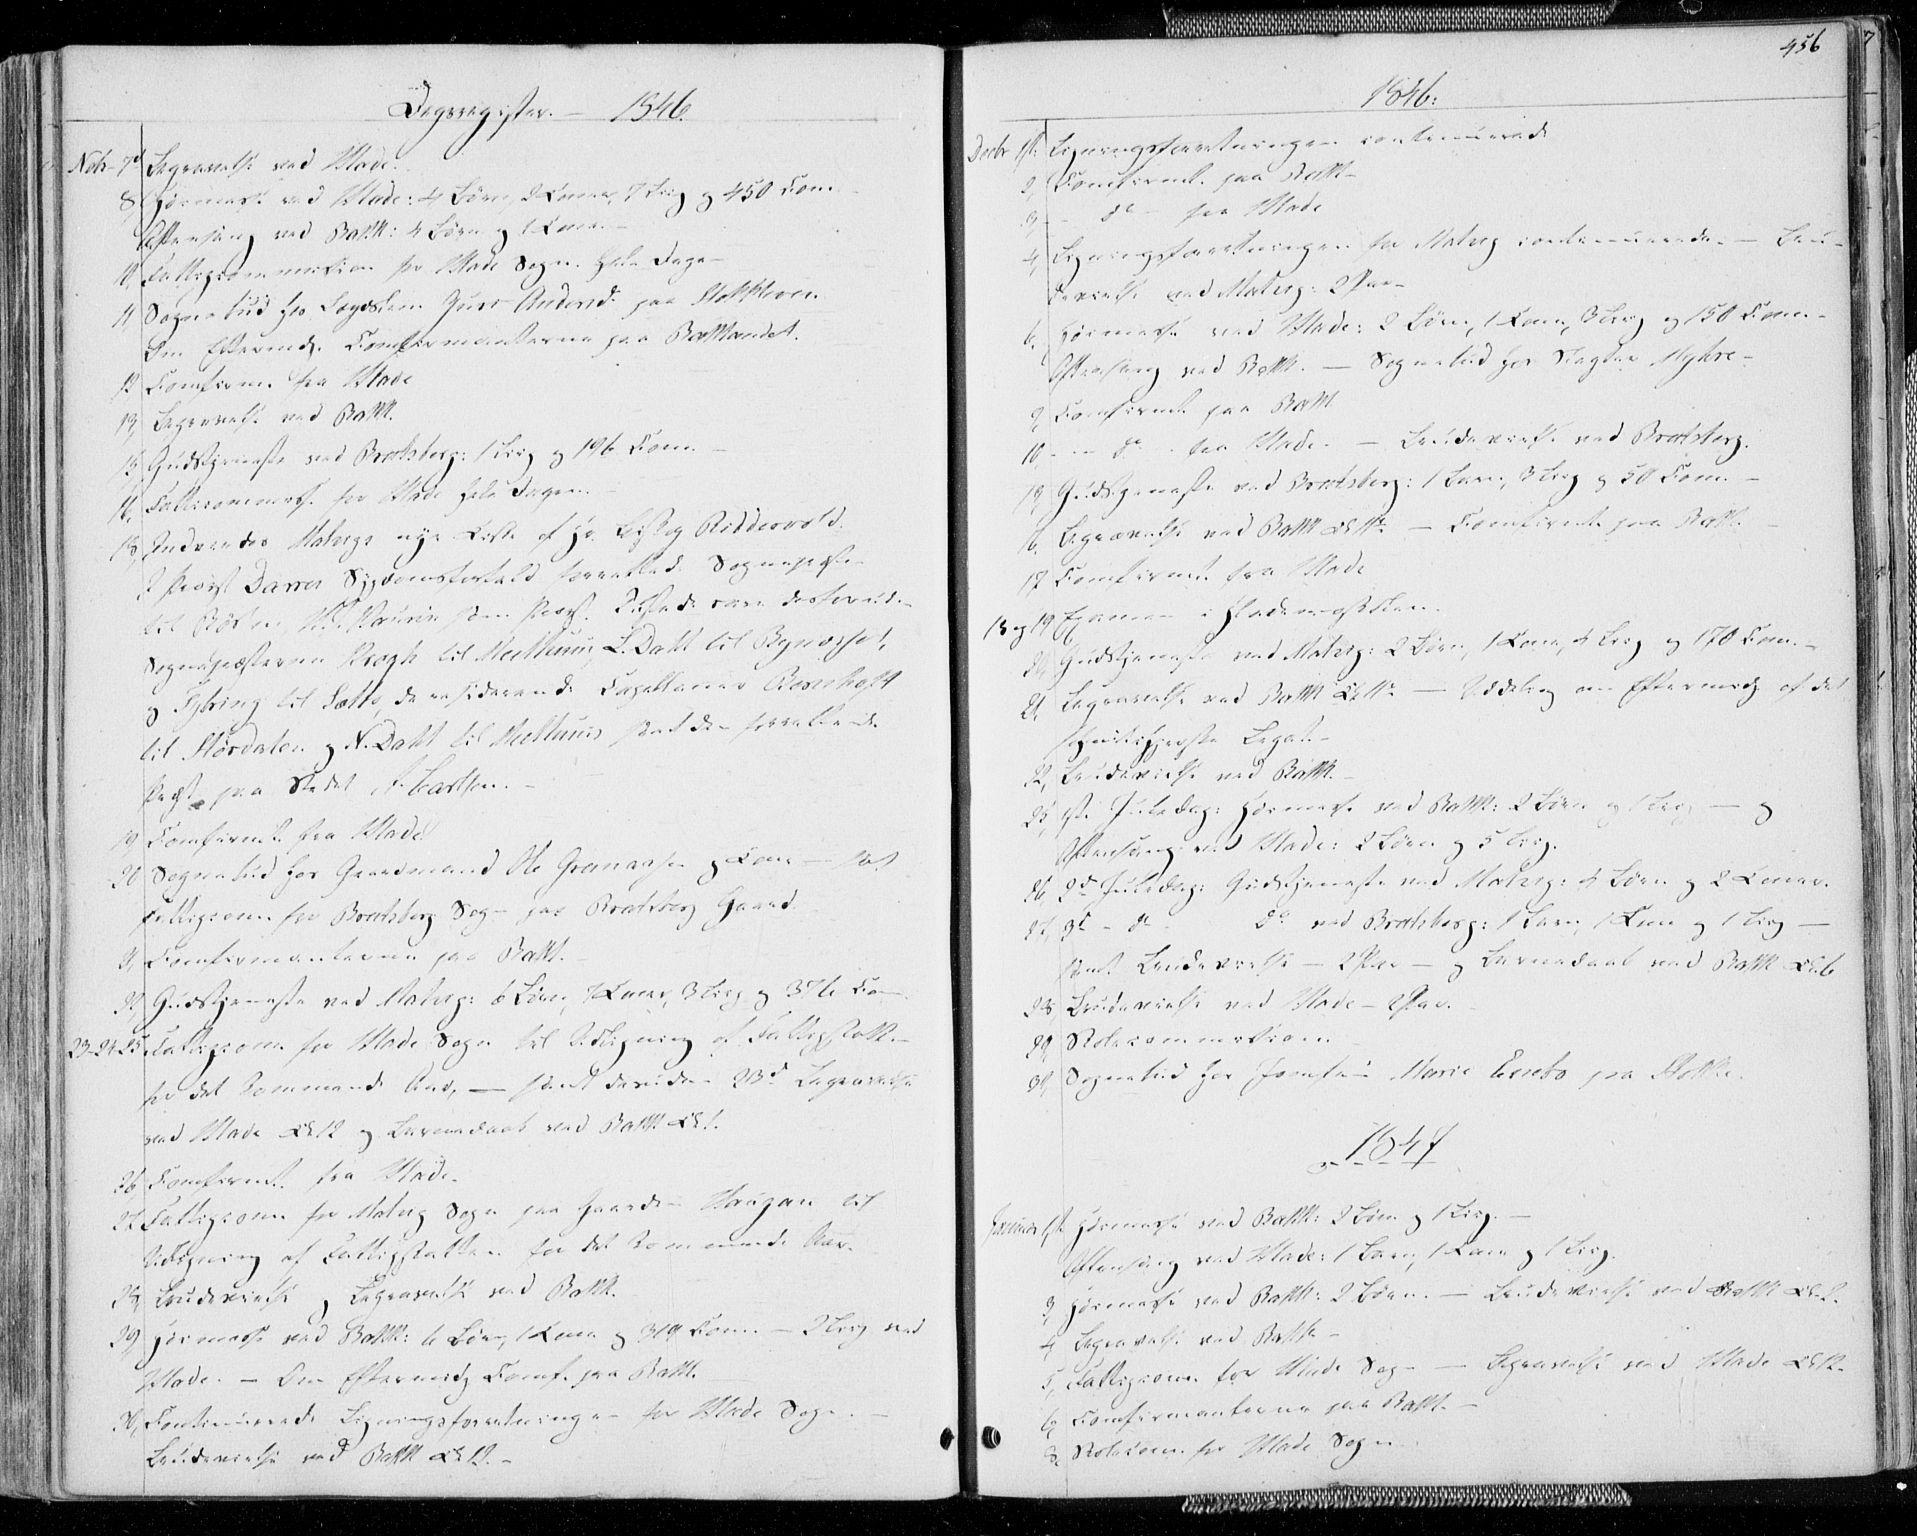 SAT, Ministerialprotokoller, klokkerbøker og fødselsregistre - Sør-Trøndelag, 606/L0290: Ministerialbok nr. 606A05, 1841-1847, s. 456